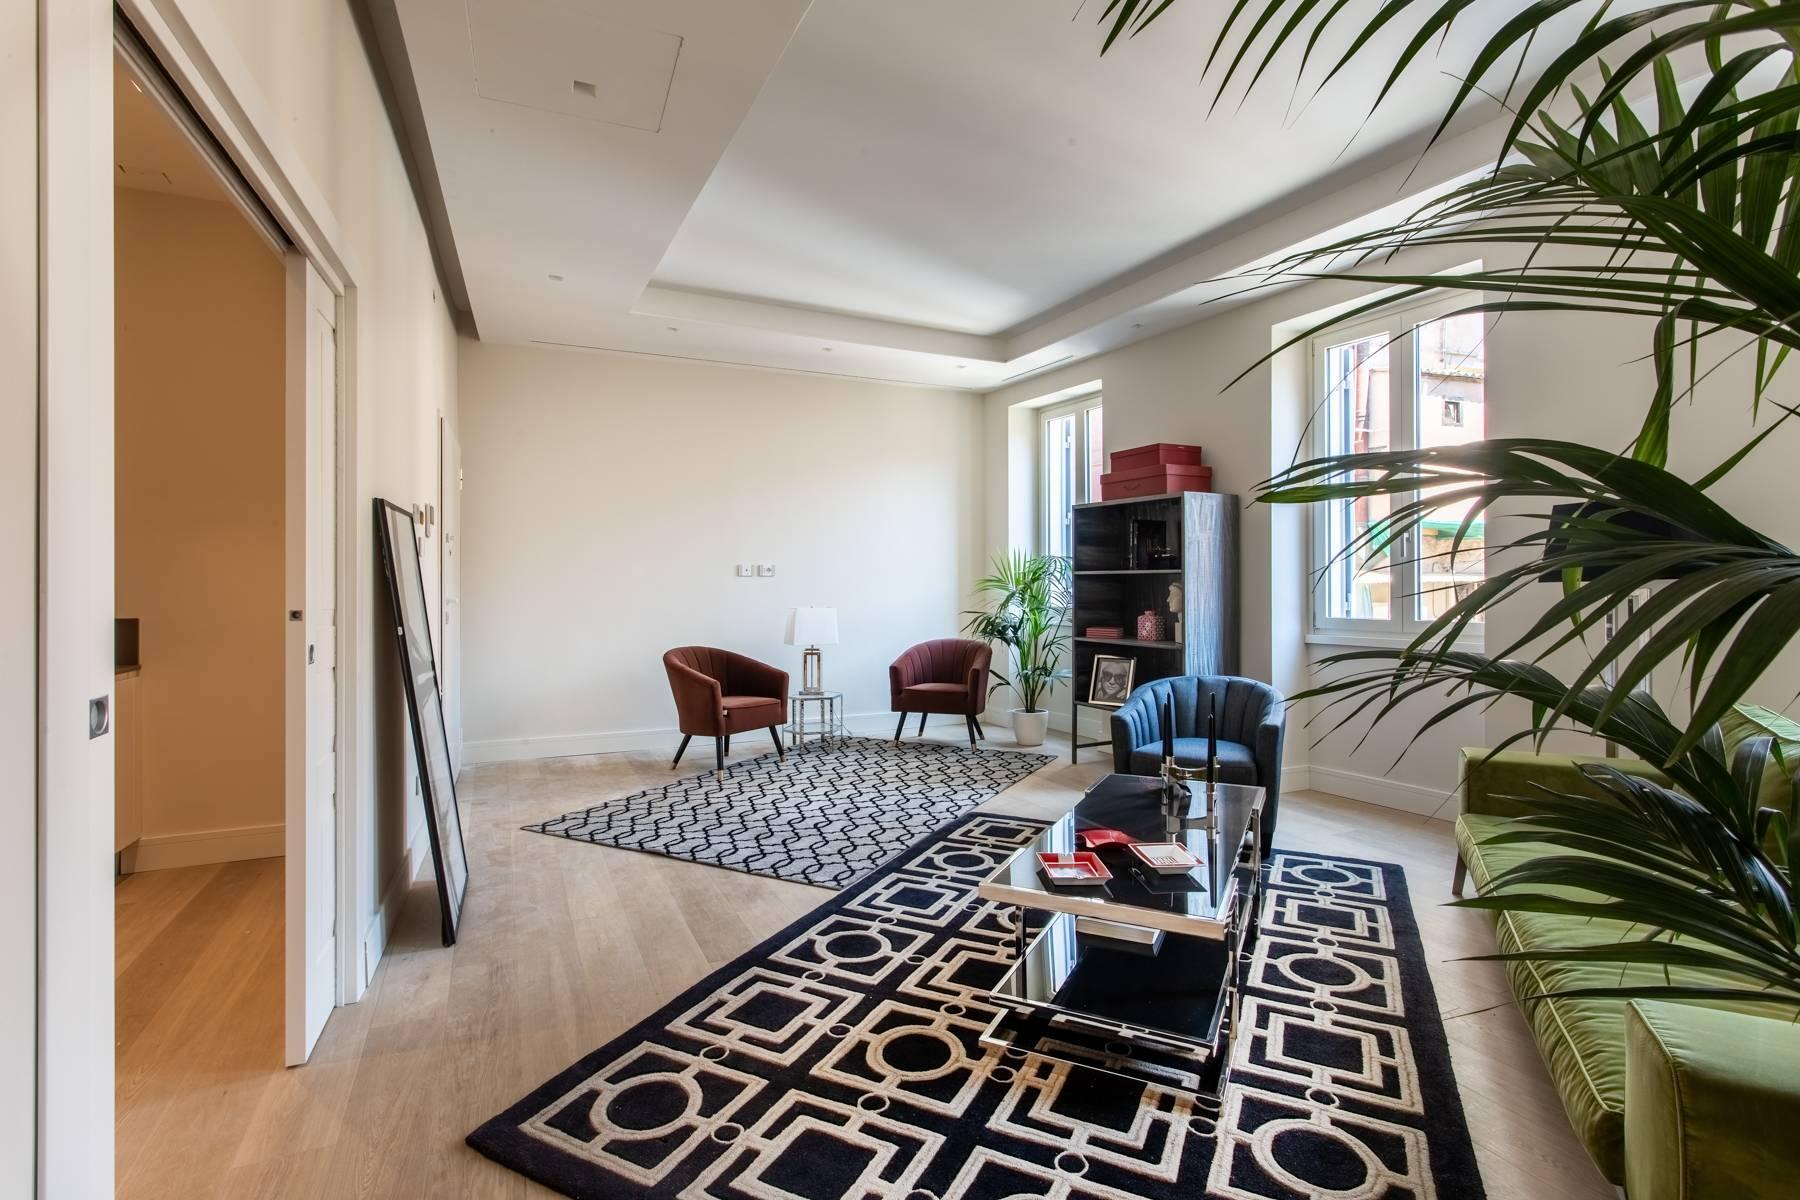 Appartamento di lusso nei pressi di Piazza di Spagna - 4